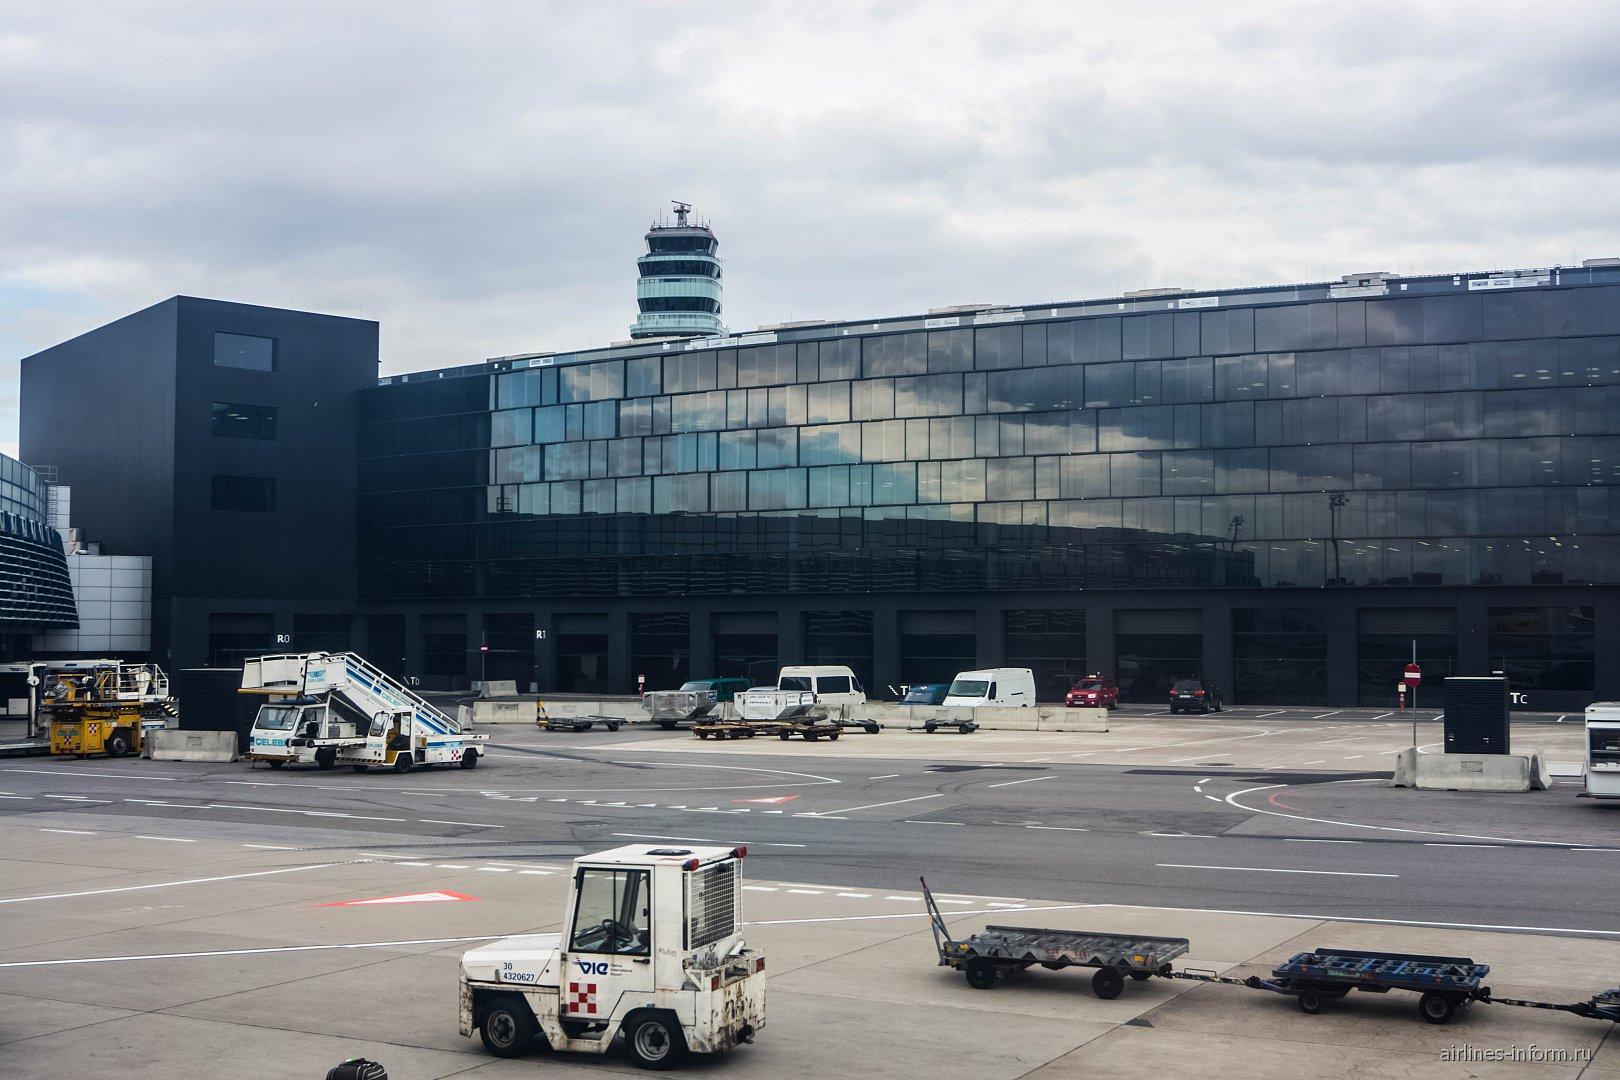 Терминал 3 аэропорта Вена Швехат со стороны перрона